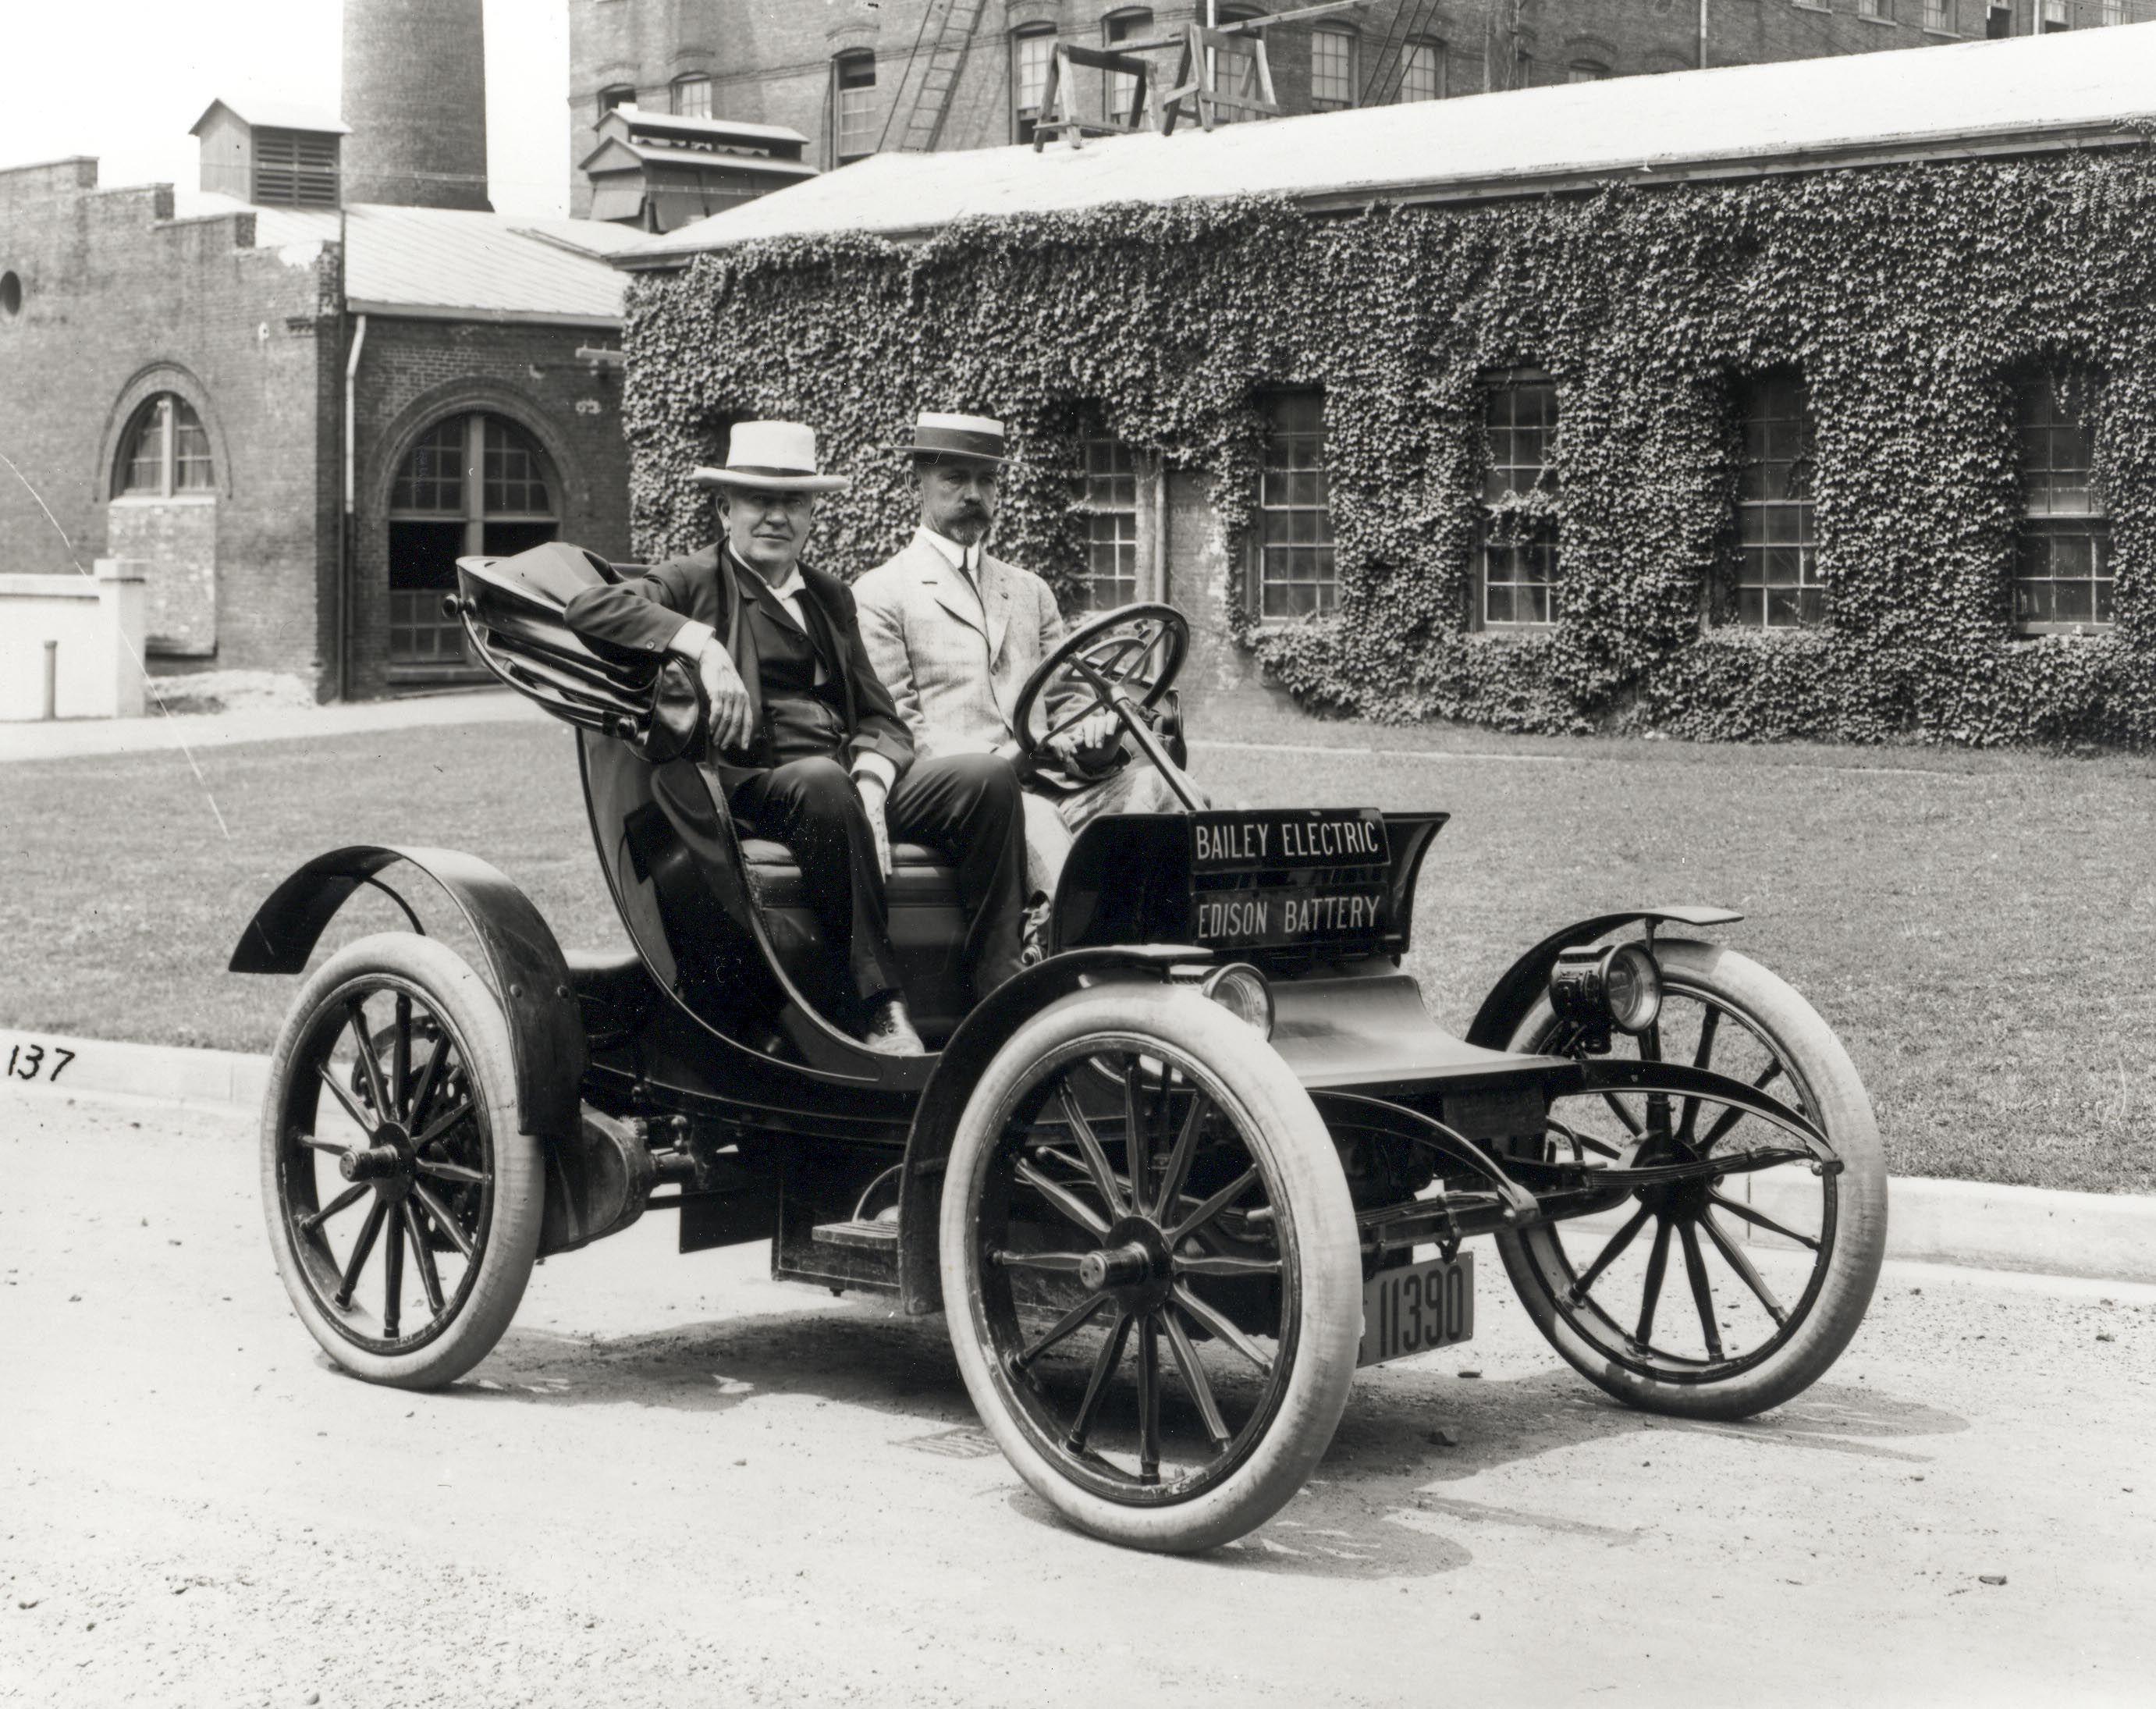 комплекты старинные электромобили фото фото видела раньше